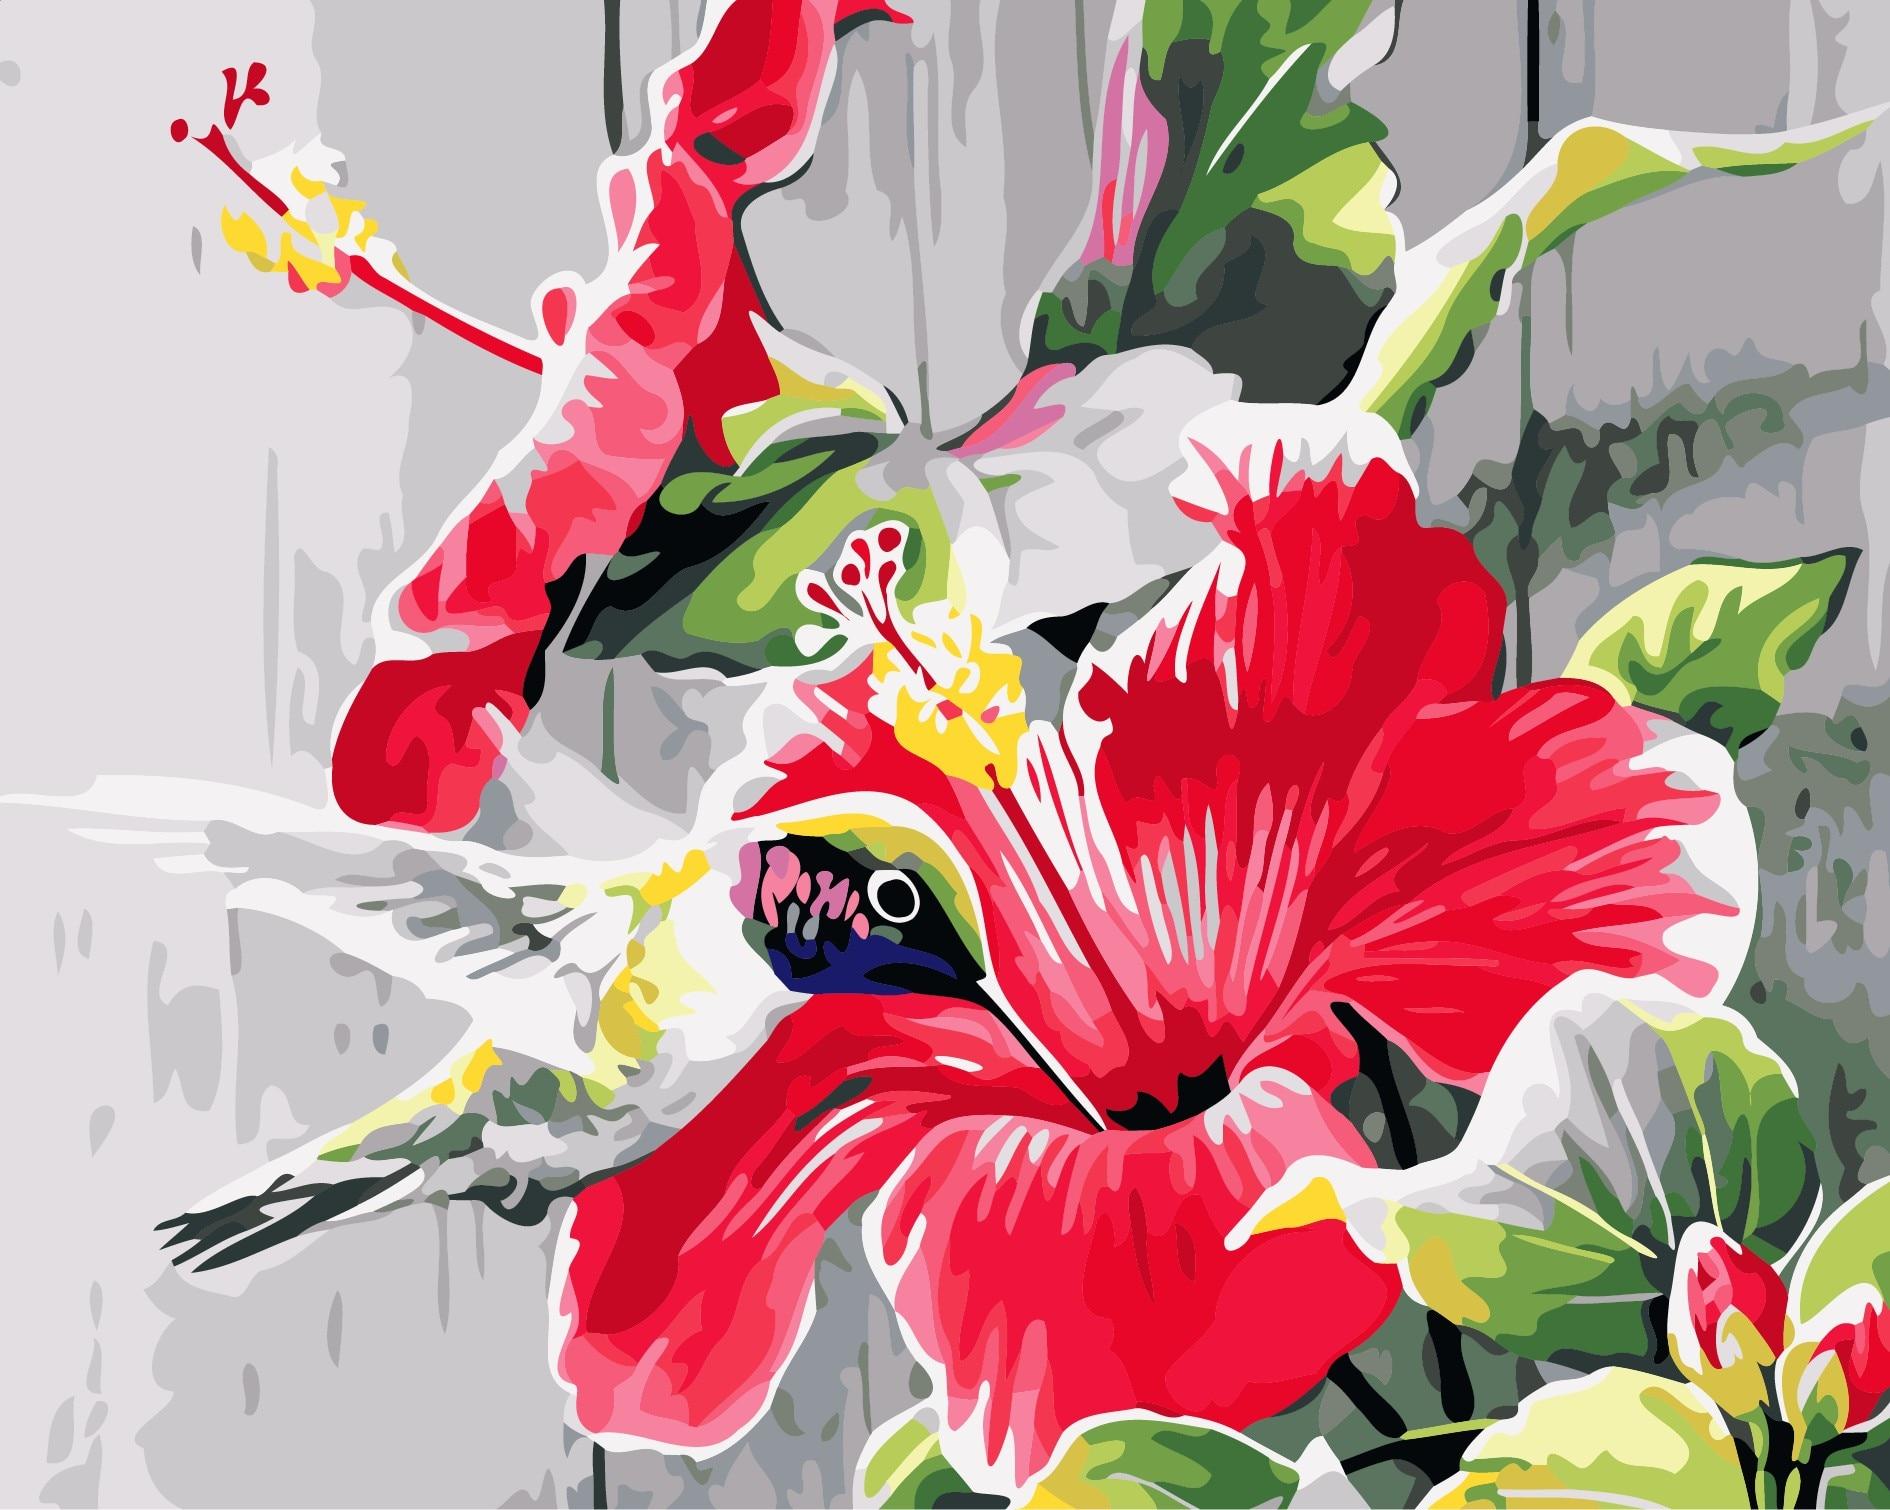 ltimo estilo moderno colibr diy pintura al leo by nmeros de animales sin marco de